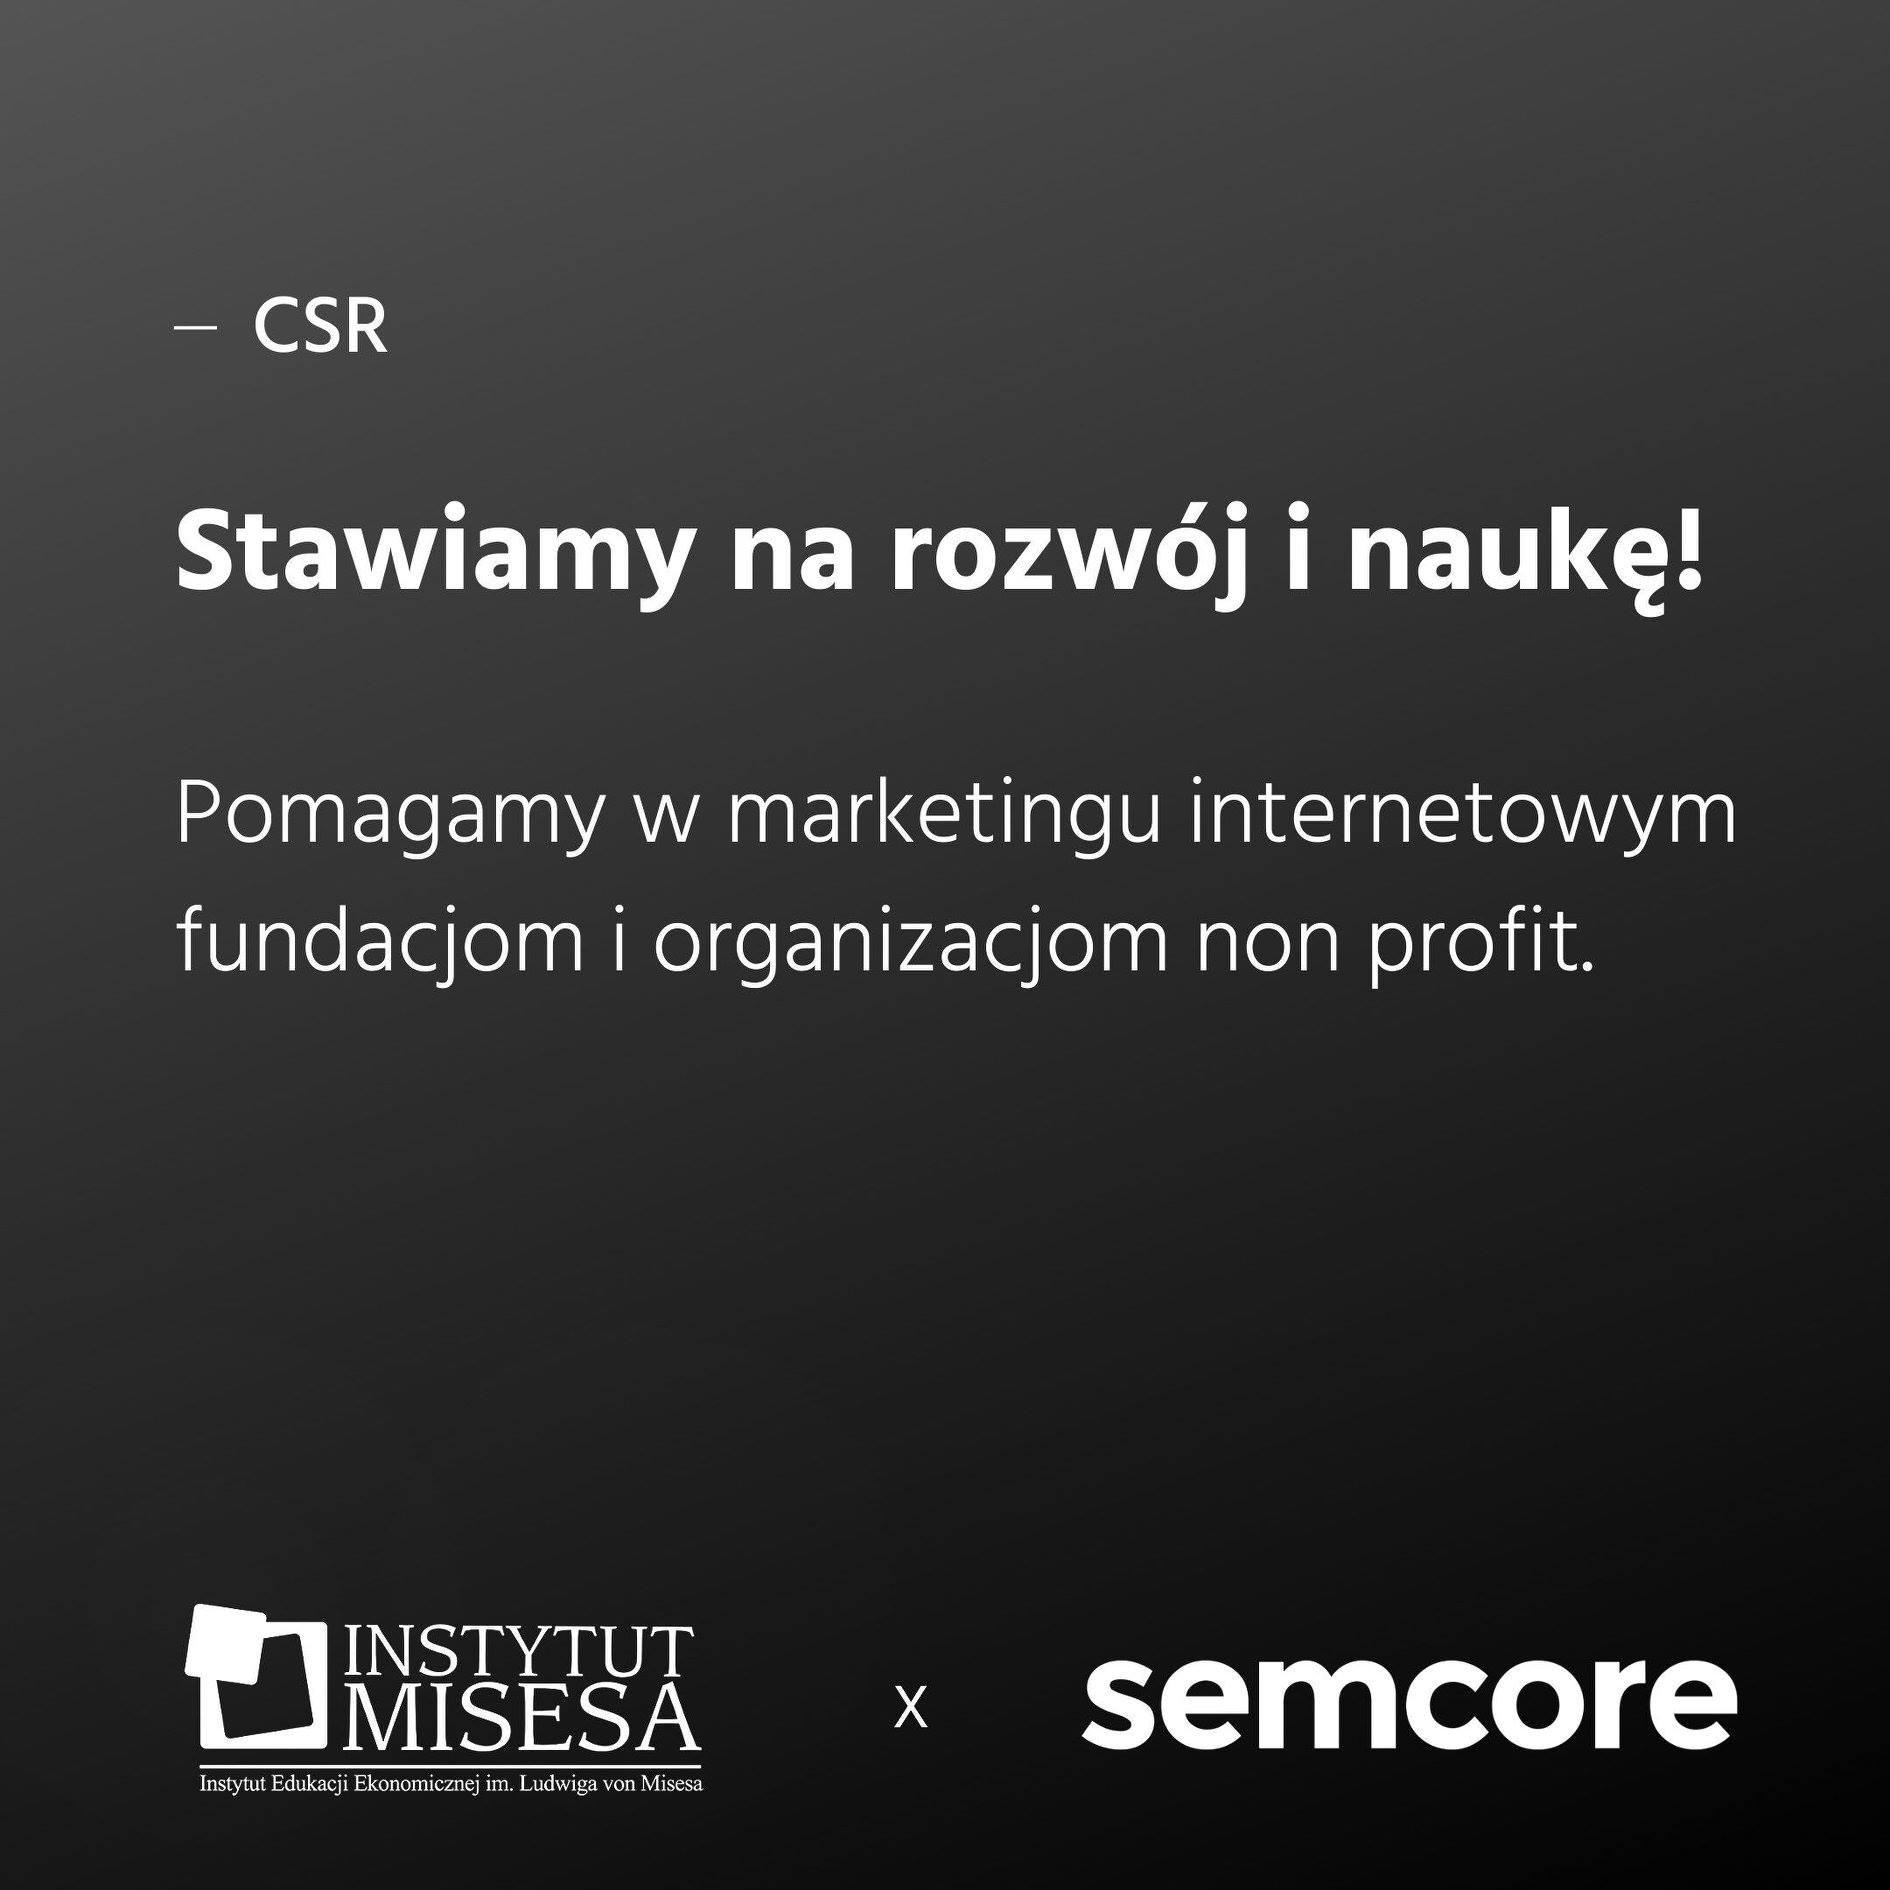 Subiektywne podsumowanie działań CSR z 2020 roku